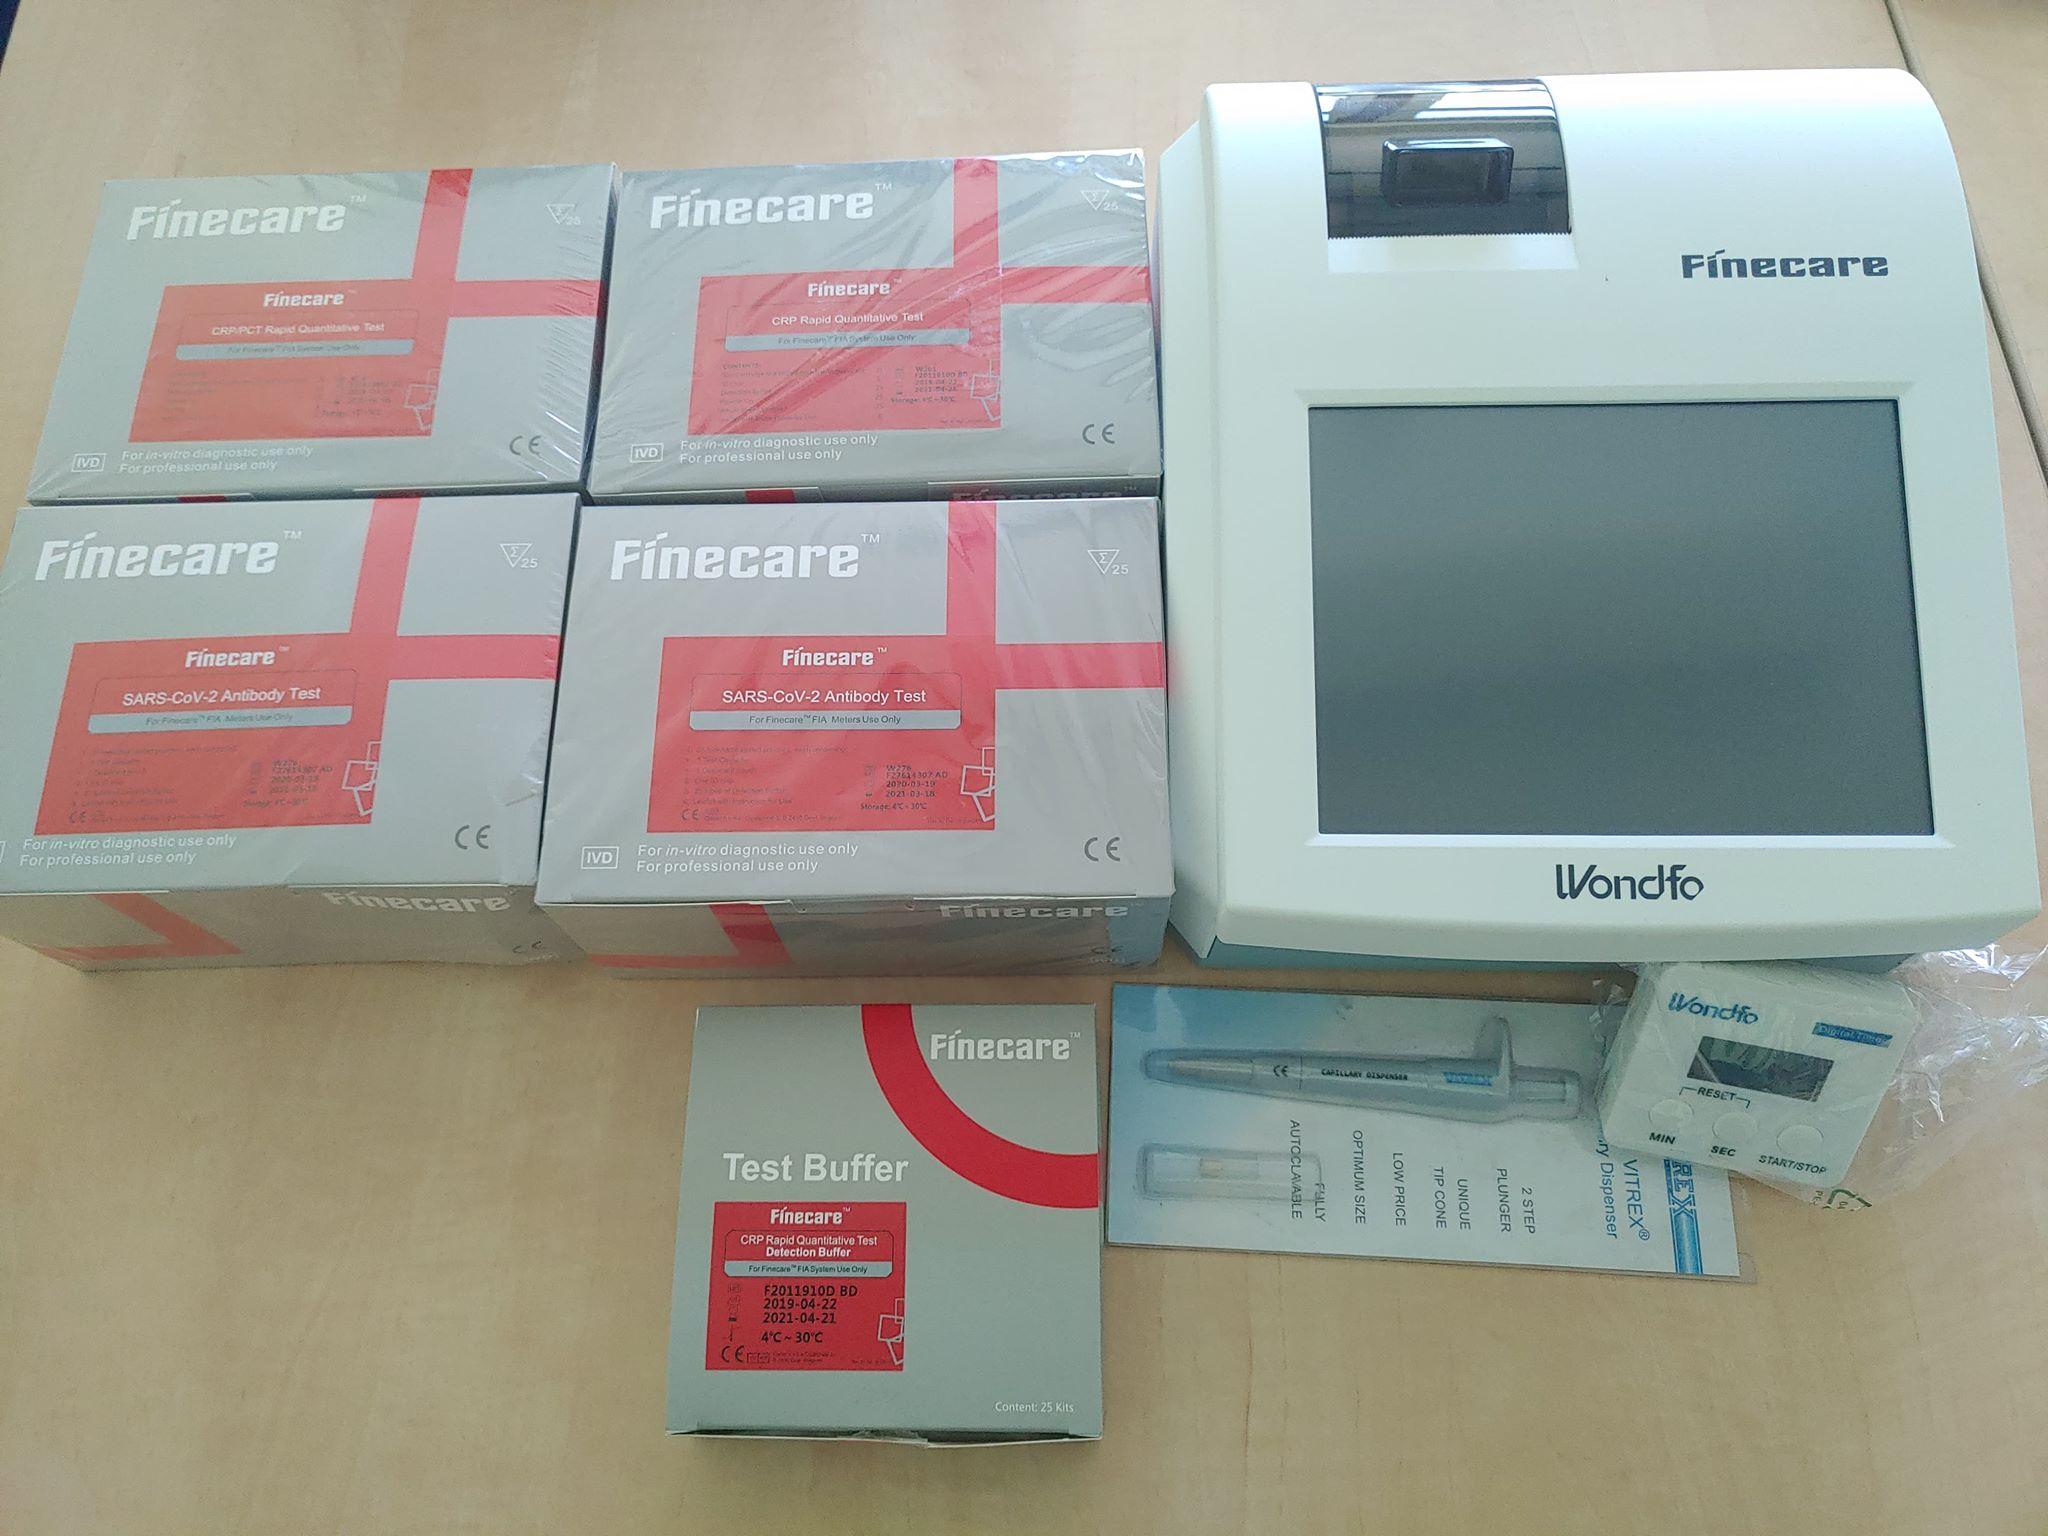 analizator laboratoryjny FINECARE™ FIA METER PLUS wraz z zestawem odczynników i dyspenserem